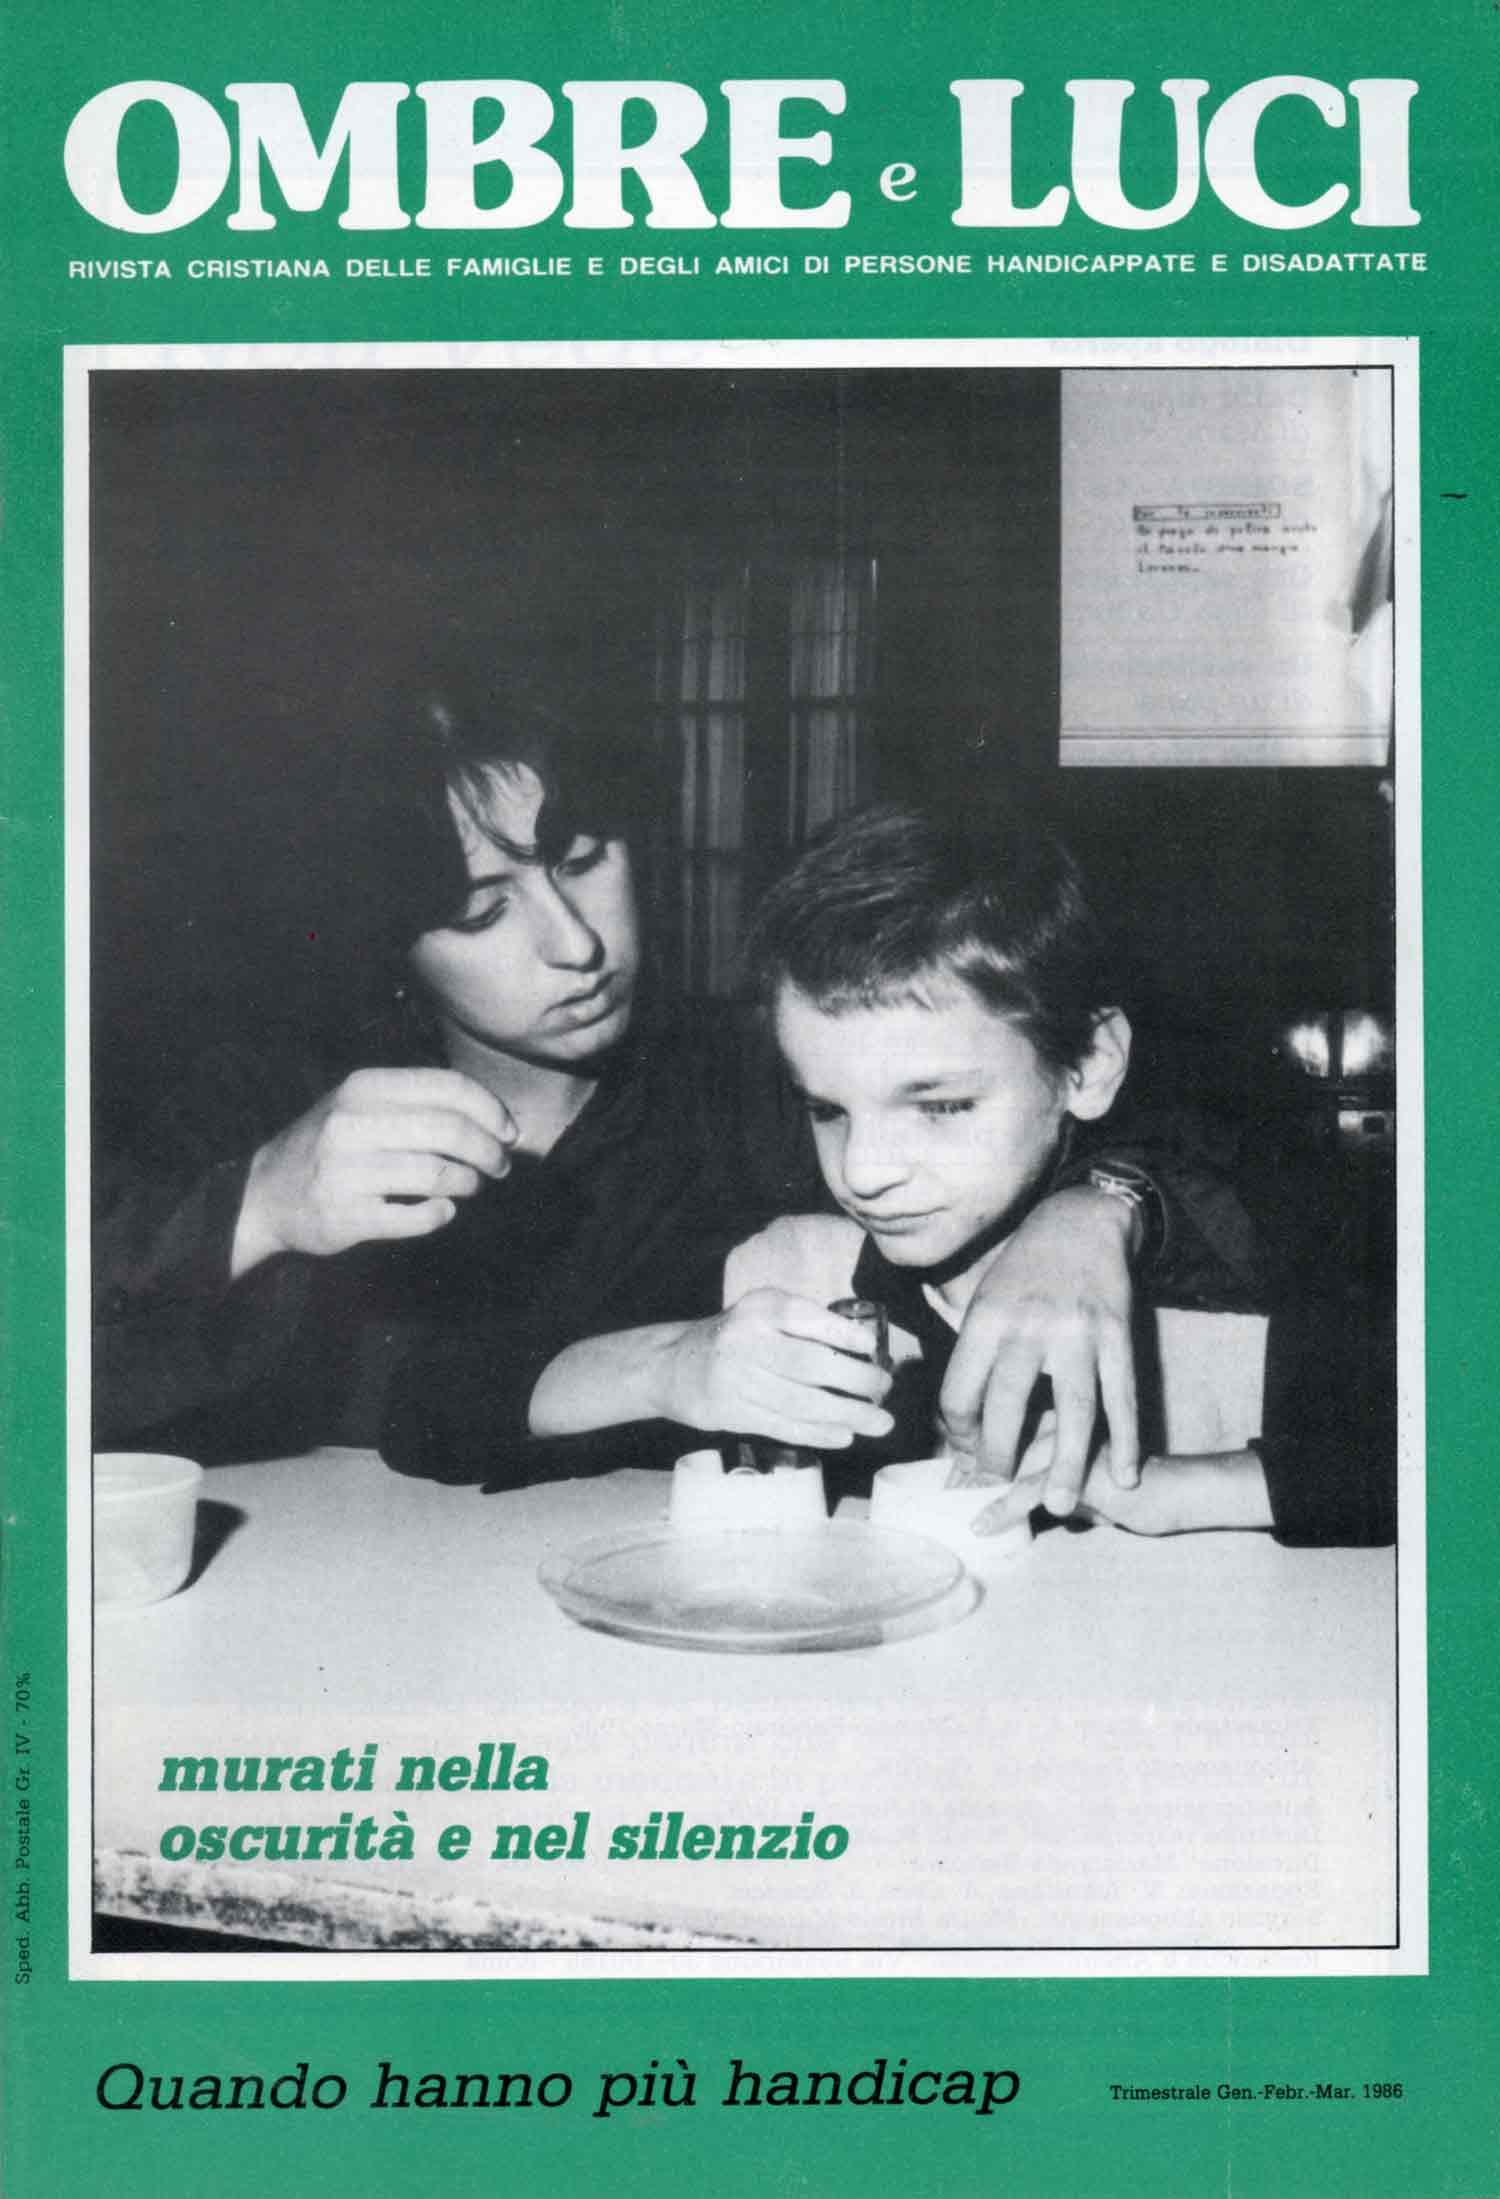 Copertina - Ombre e Luci n.11 - 1986